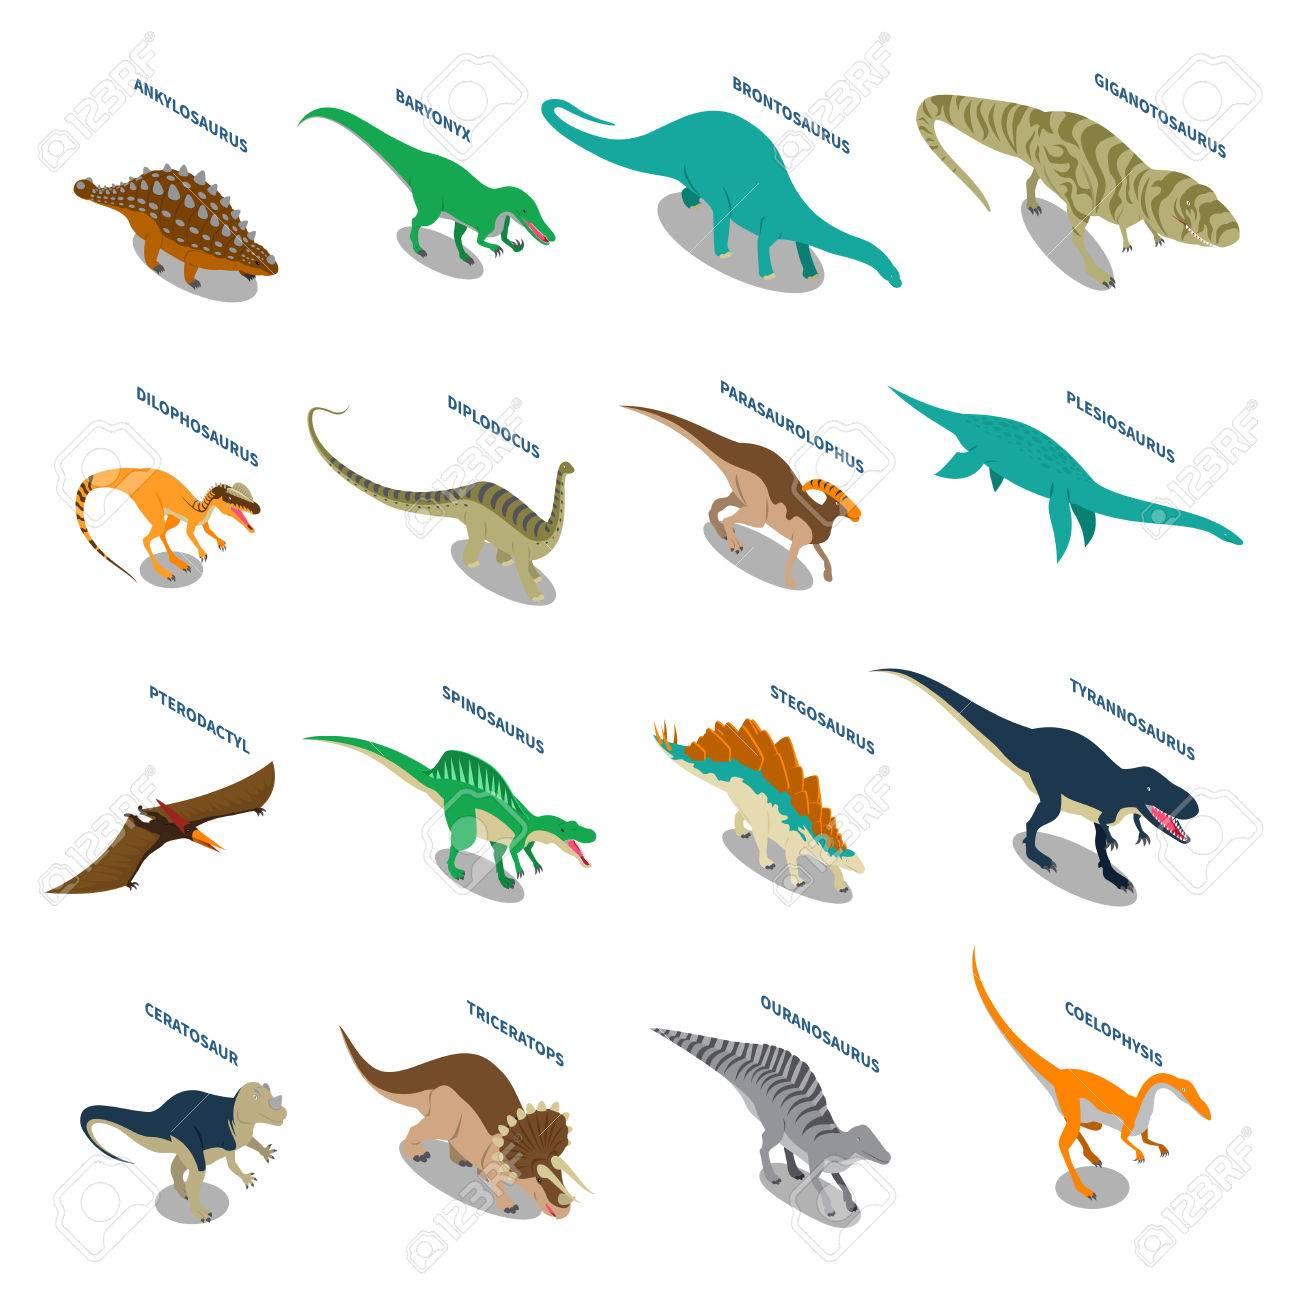 Los dinosaurios carnivoros y herbivoros